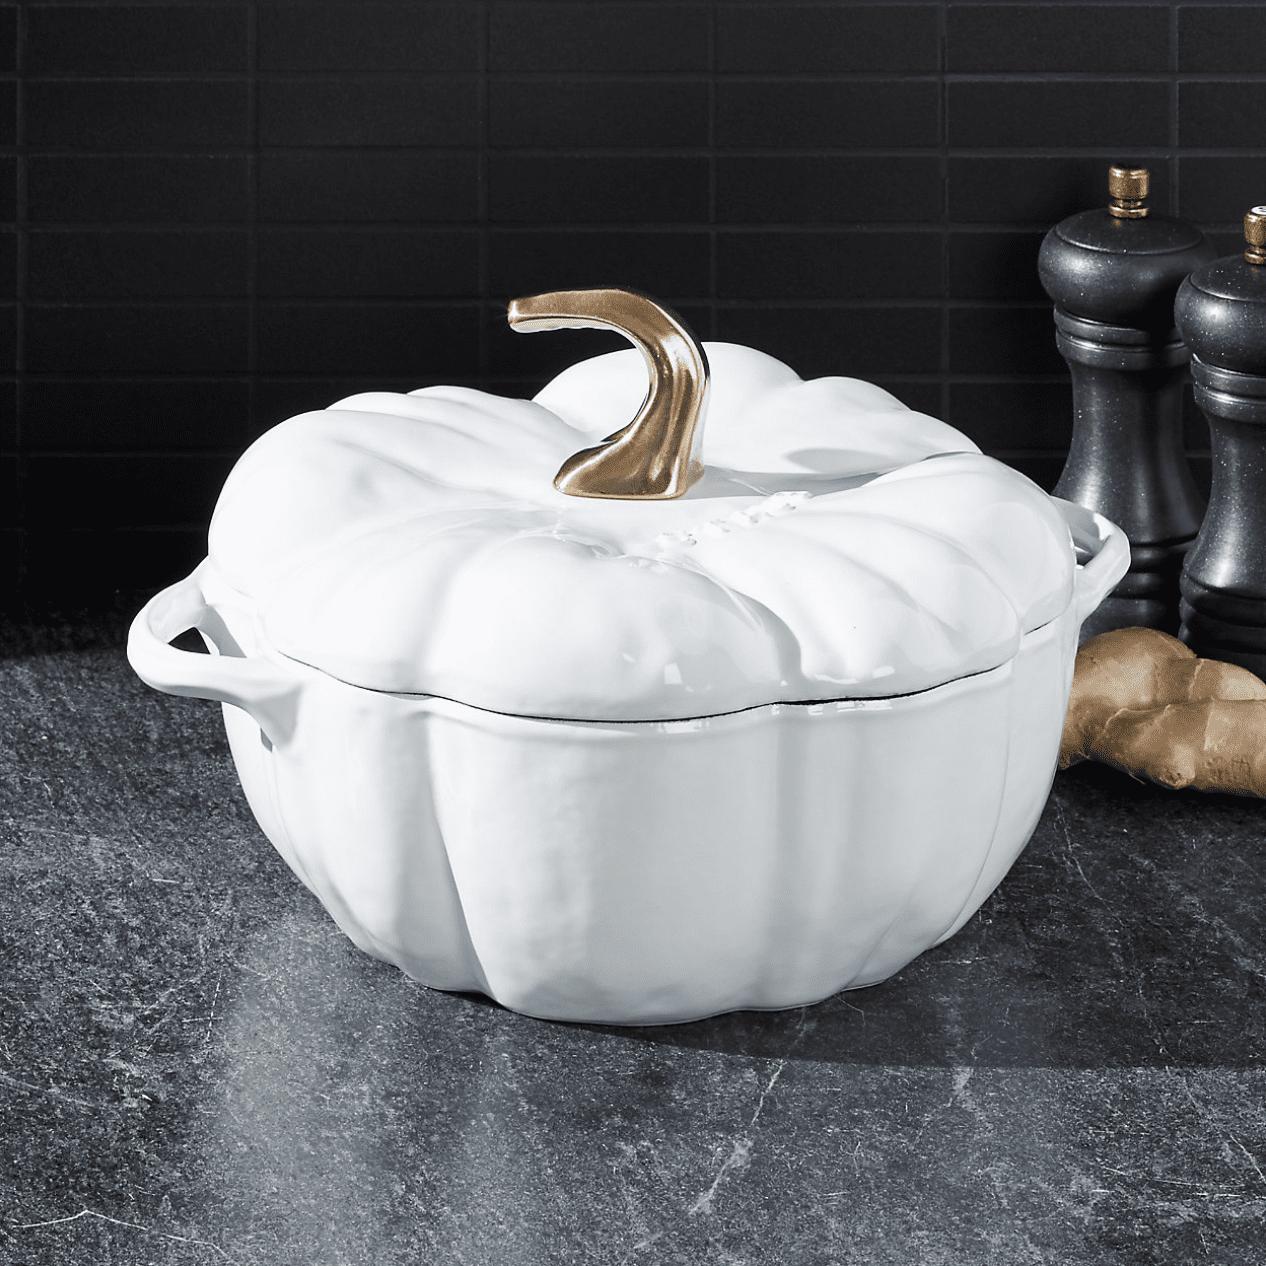 Staub 3.5-qt white pumpkin cocotte for 9.99